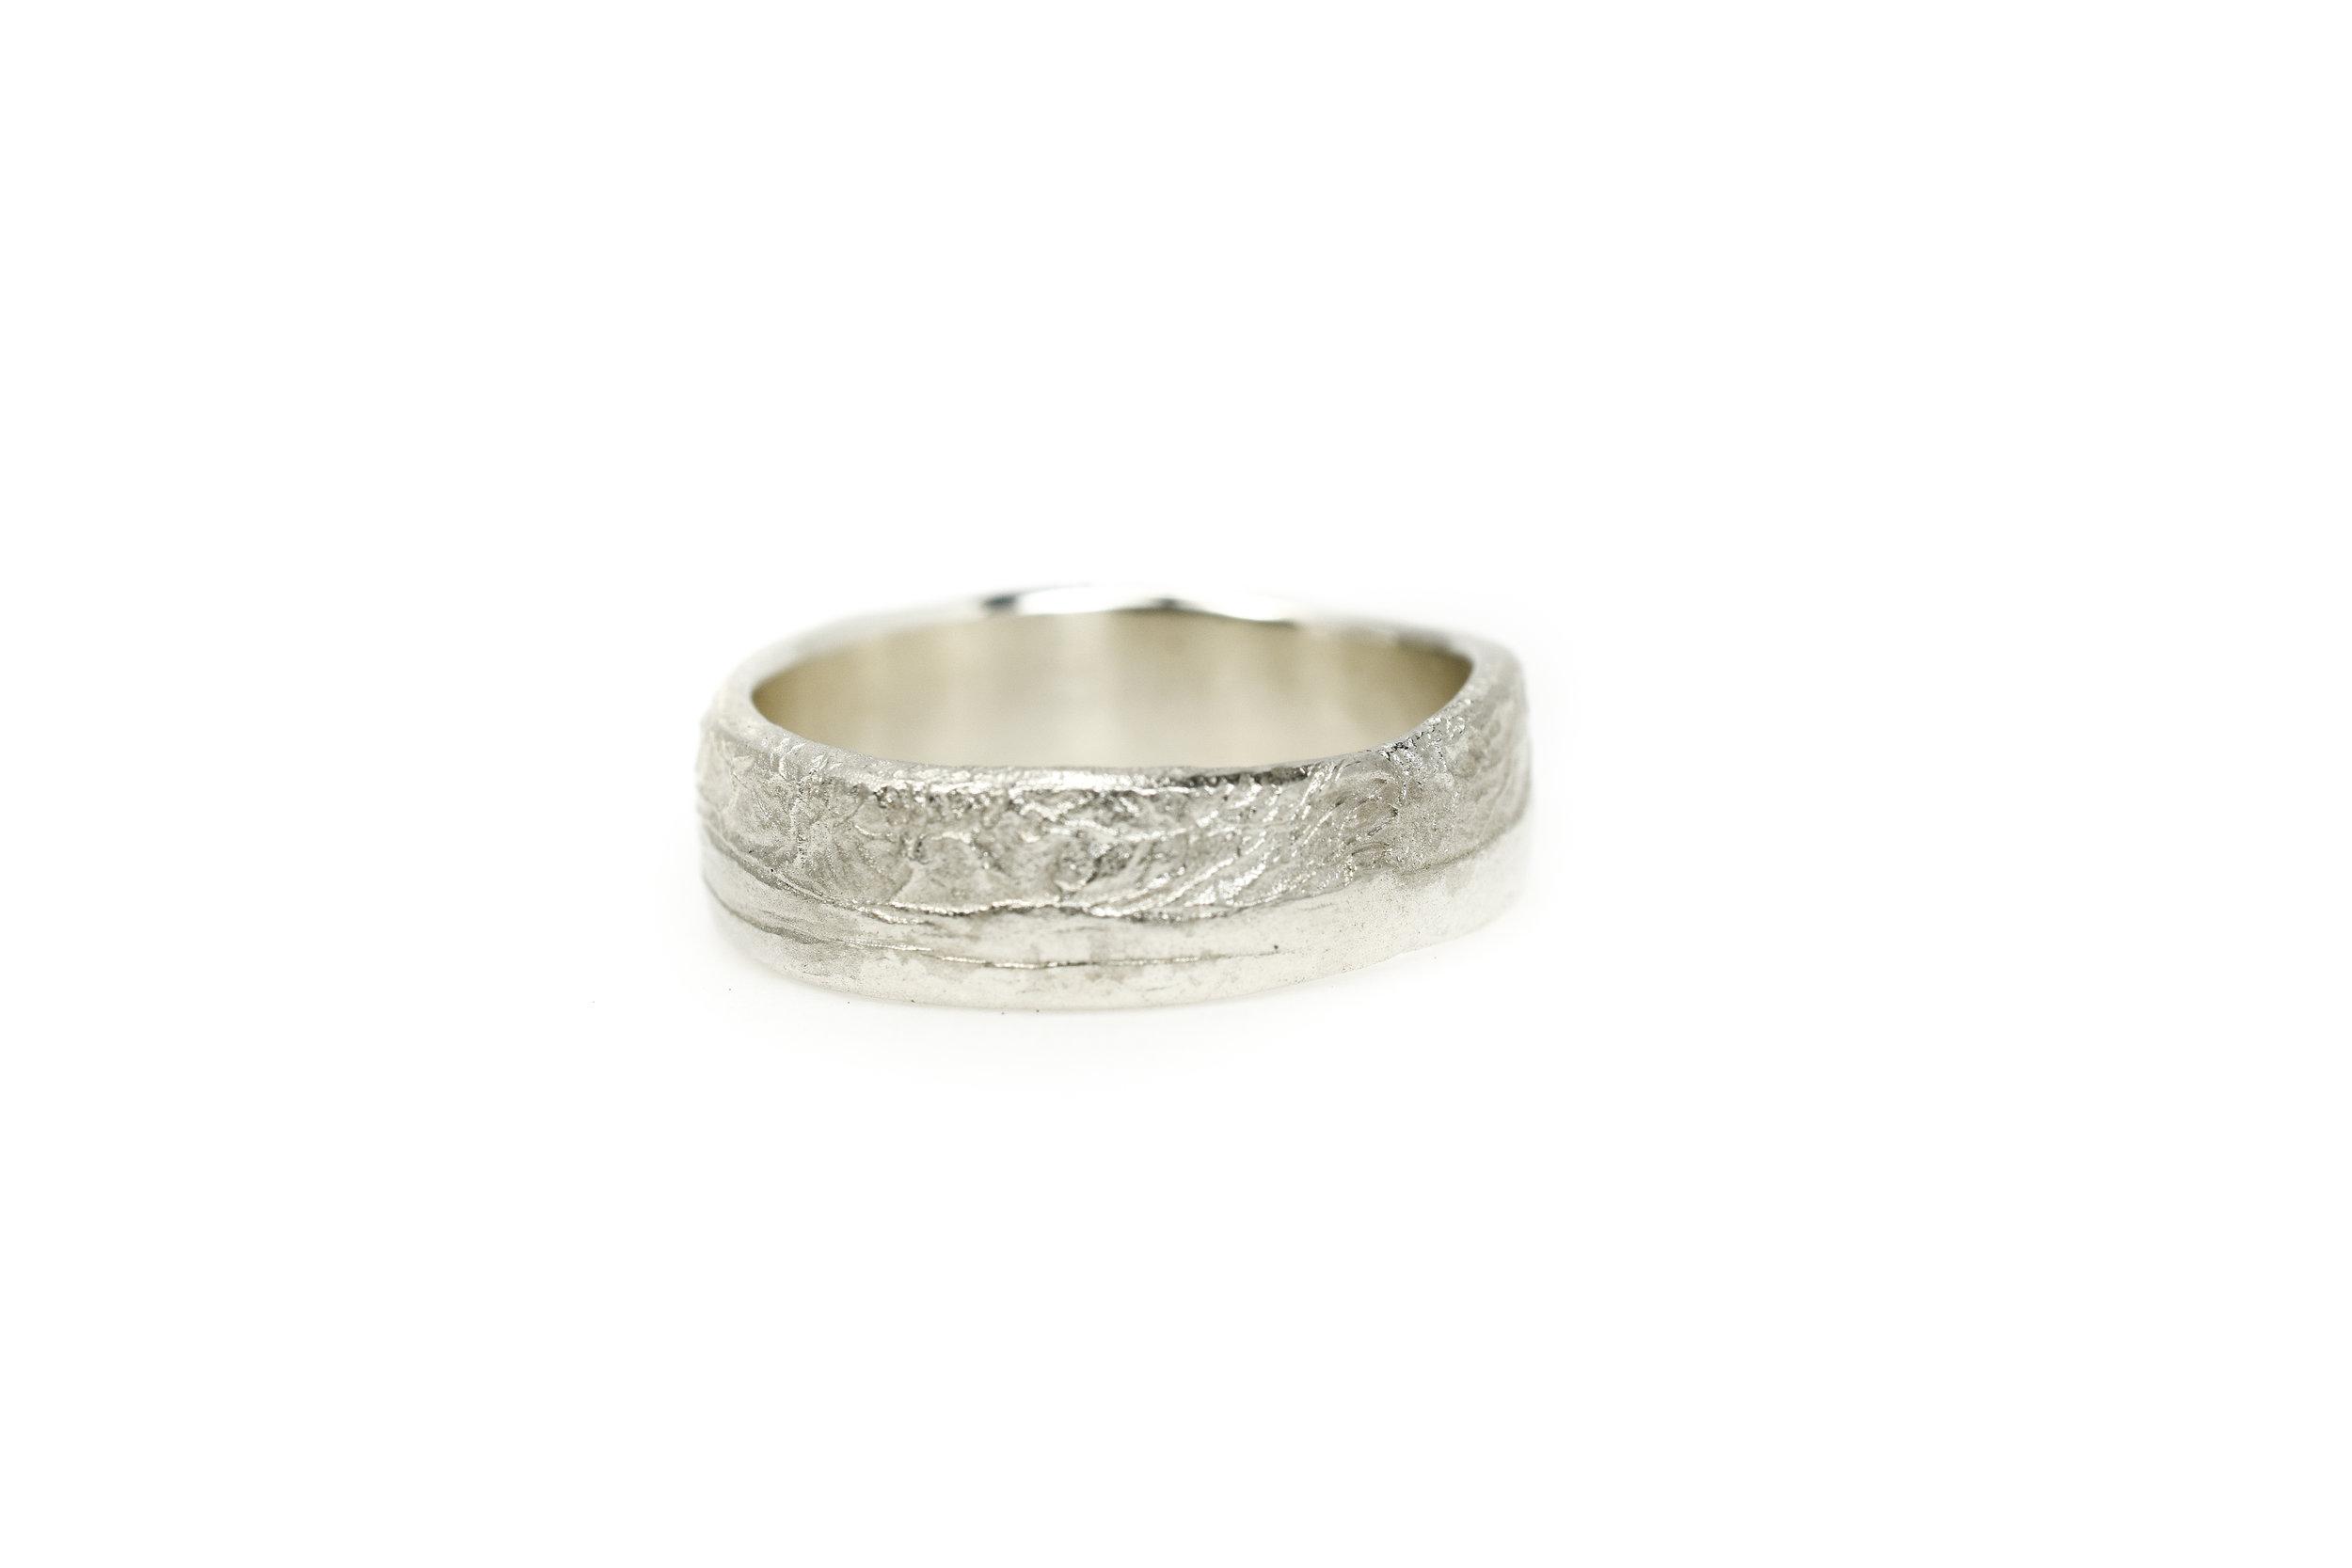 liesbethbusman-saagae-trouwringen-weddingrings--14 AG - zilver.jpg